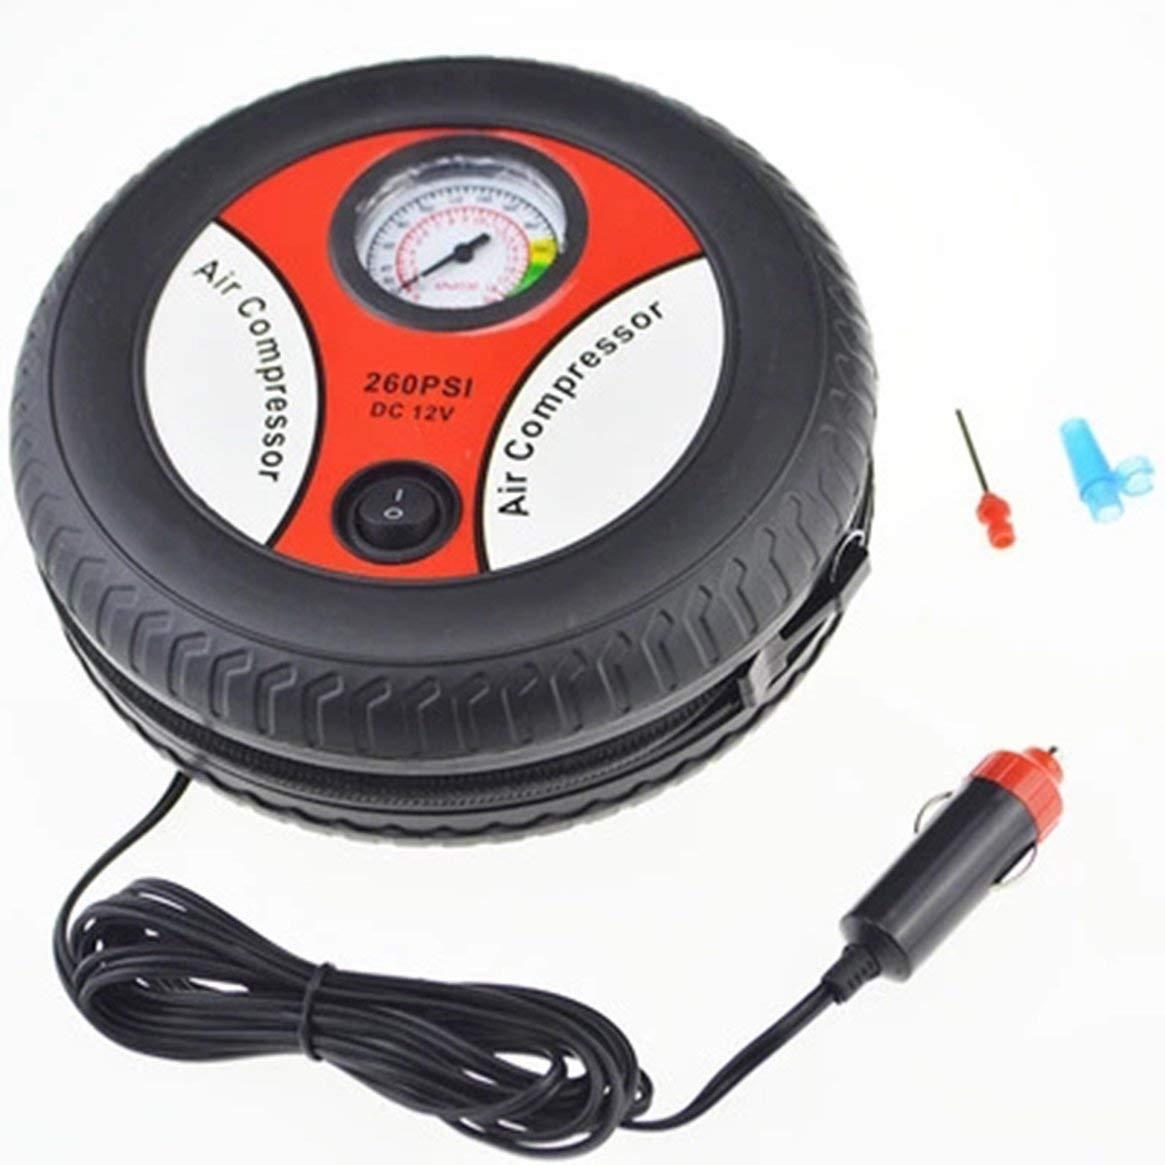 Compresseur dair de Pompe de Pneu de Voiture Mini Conception de Pneu 12V Machine de gonflage /électrique de Tension dentr/ée appropri/ée /à la Plupart des Voitures